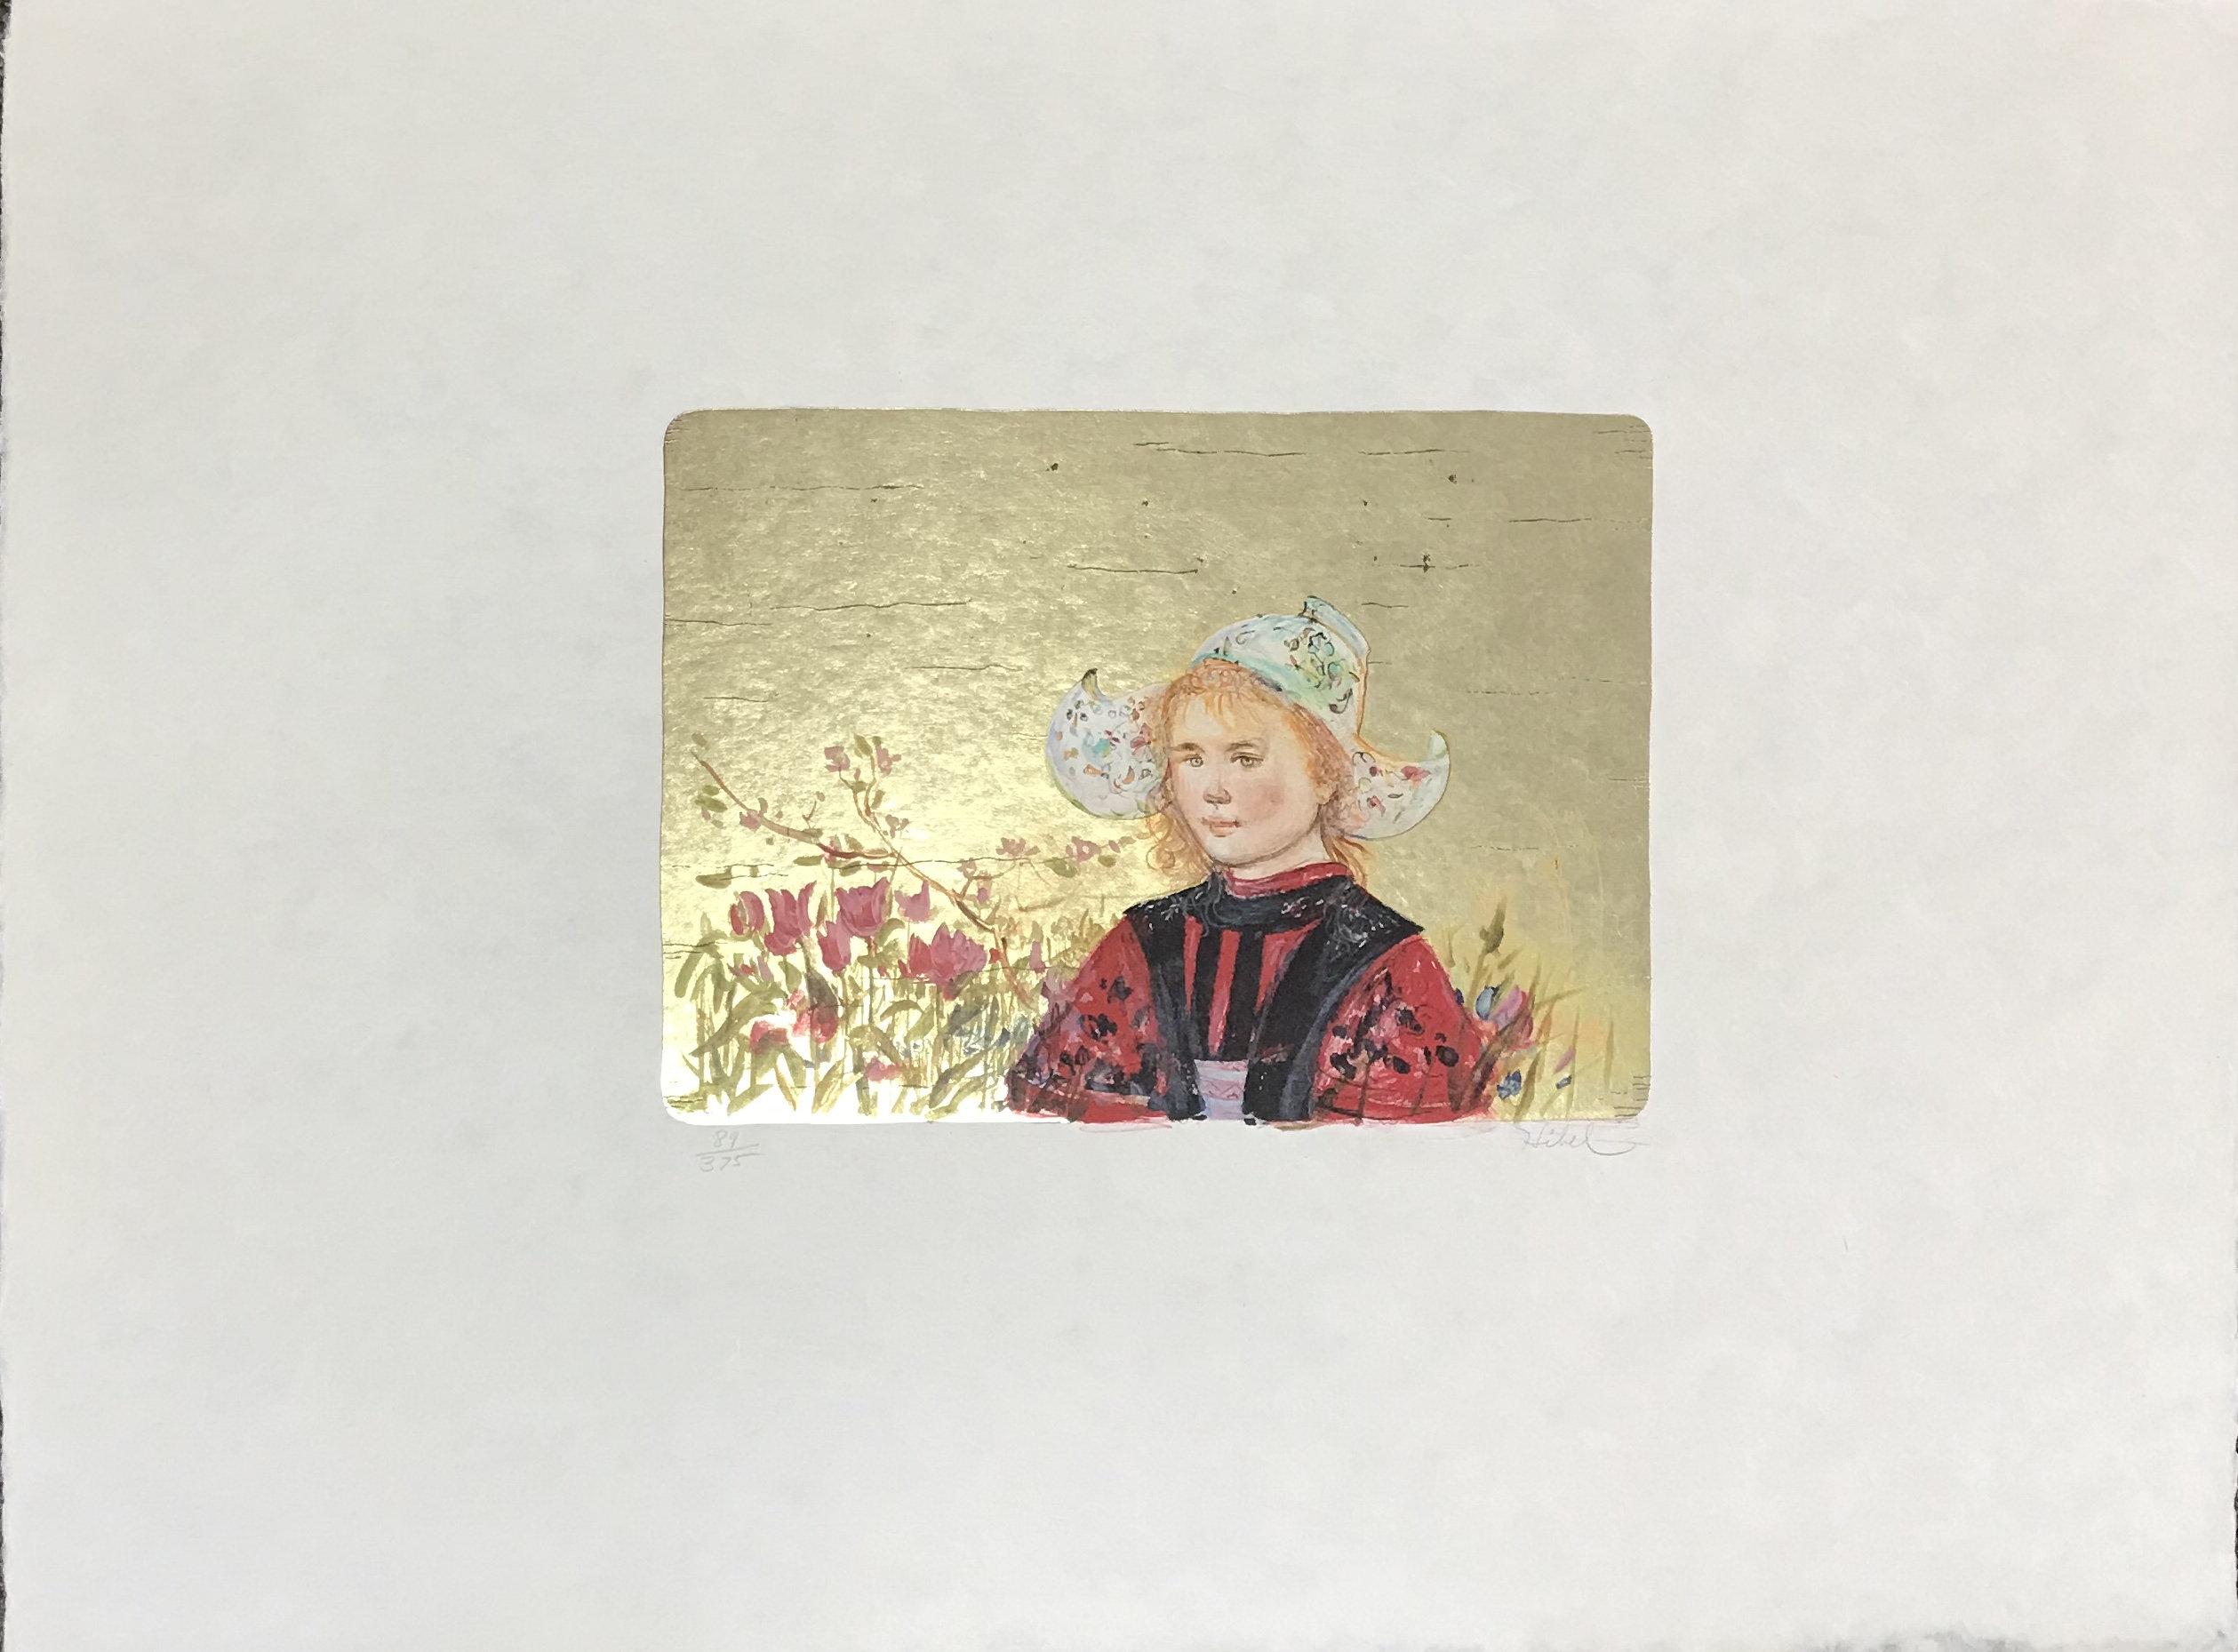 Edna Hibel, Klassina, Pencil Signed Original Lithograph 1977